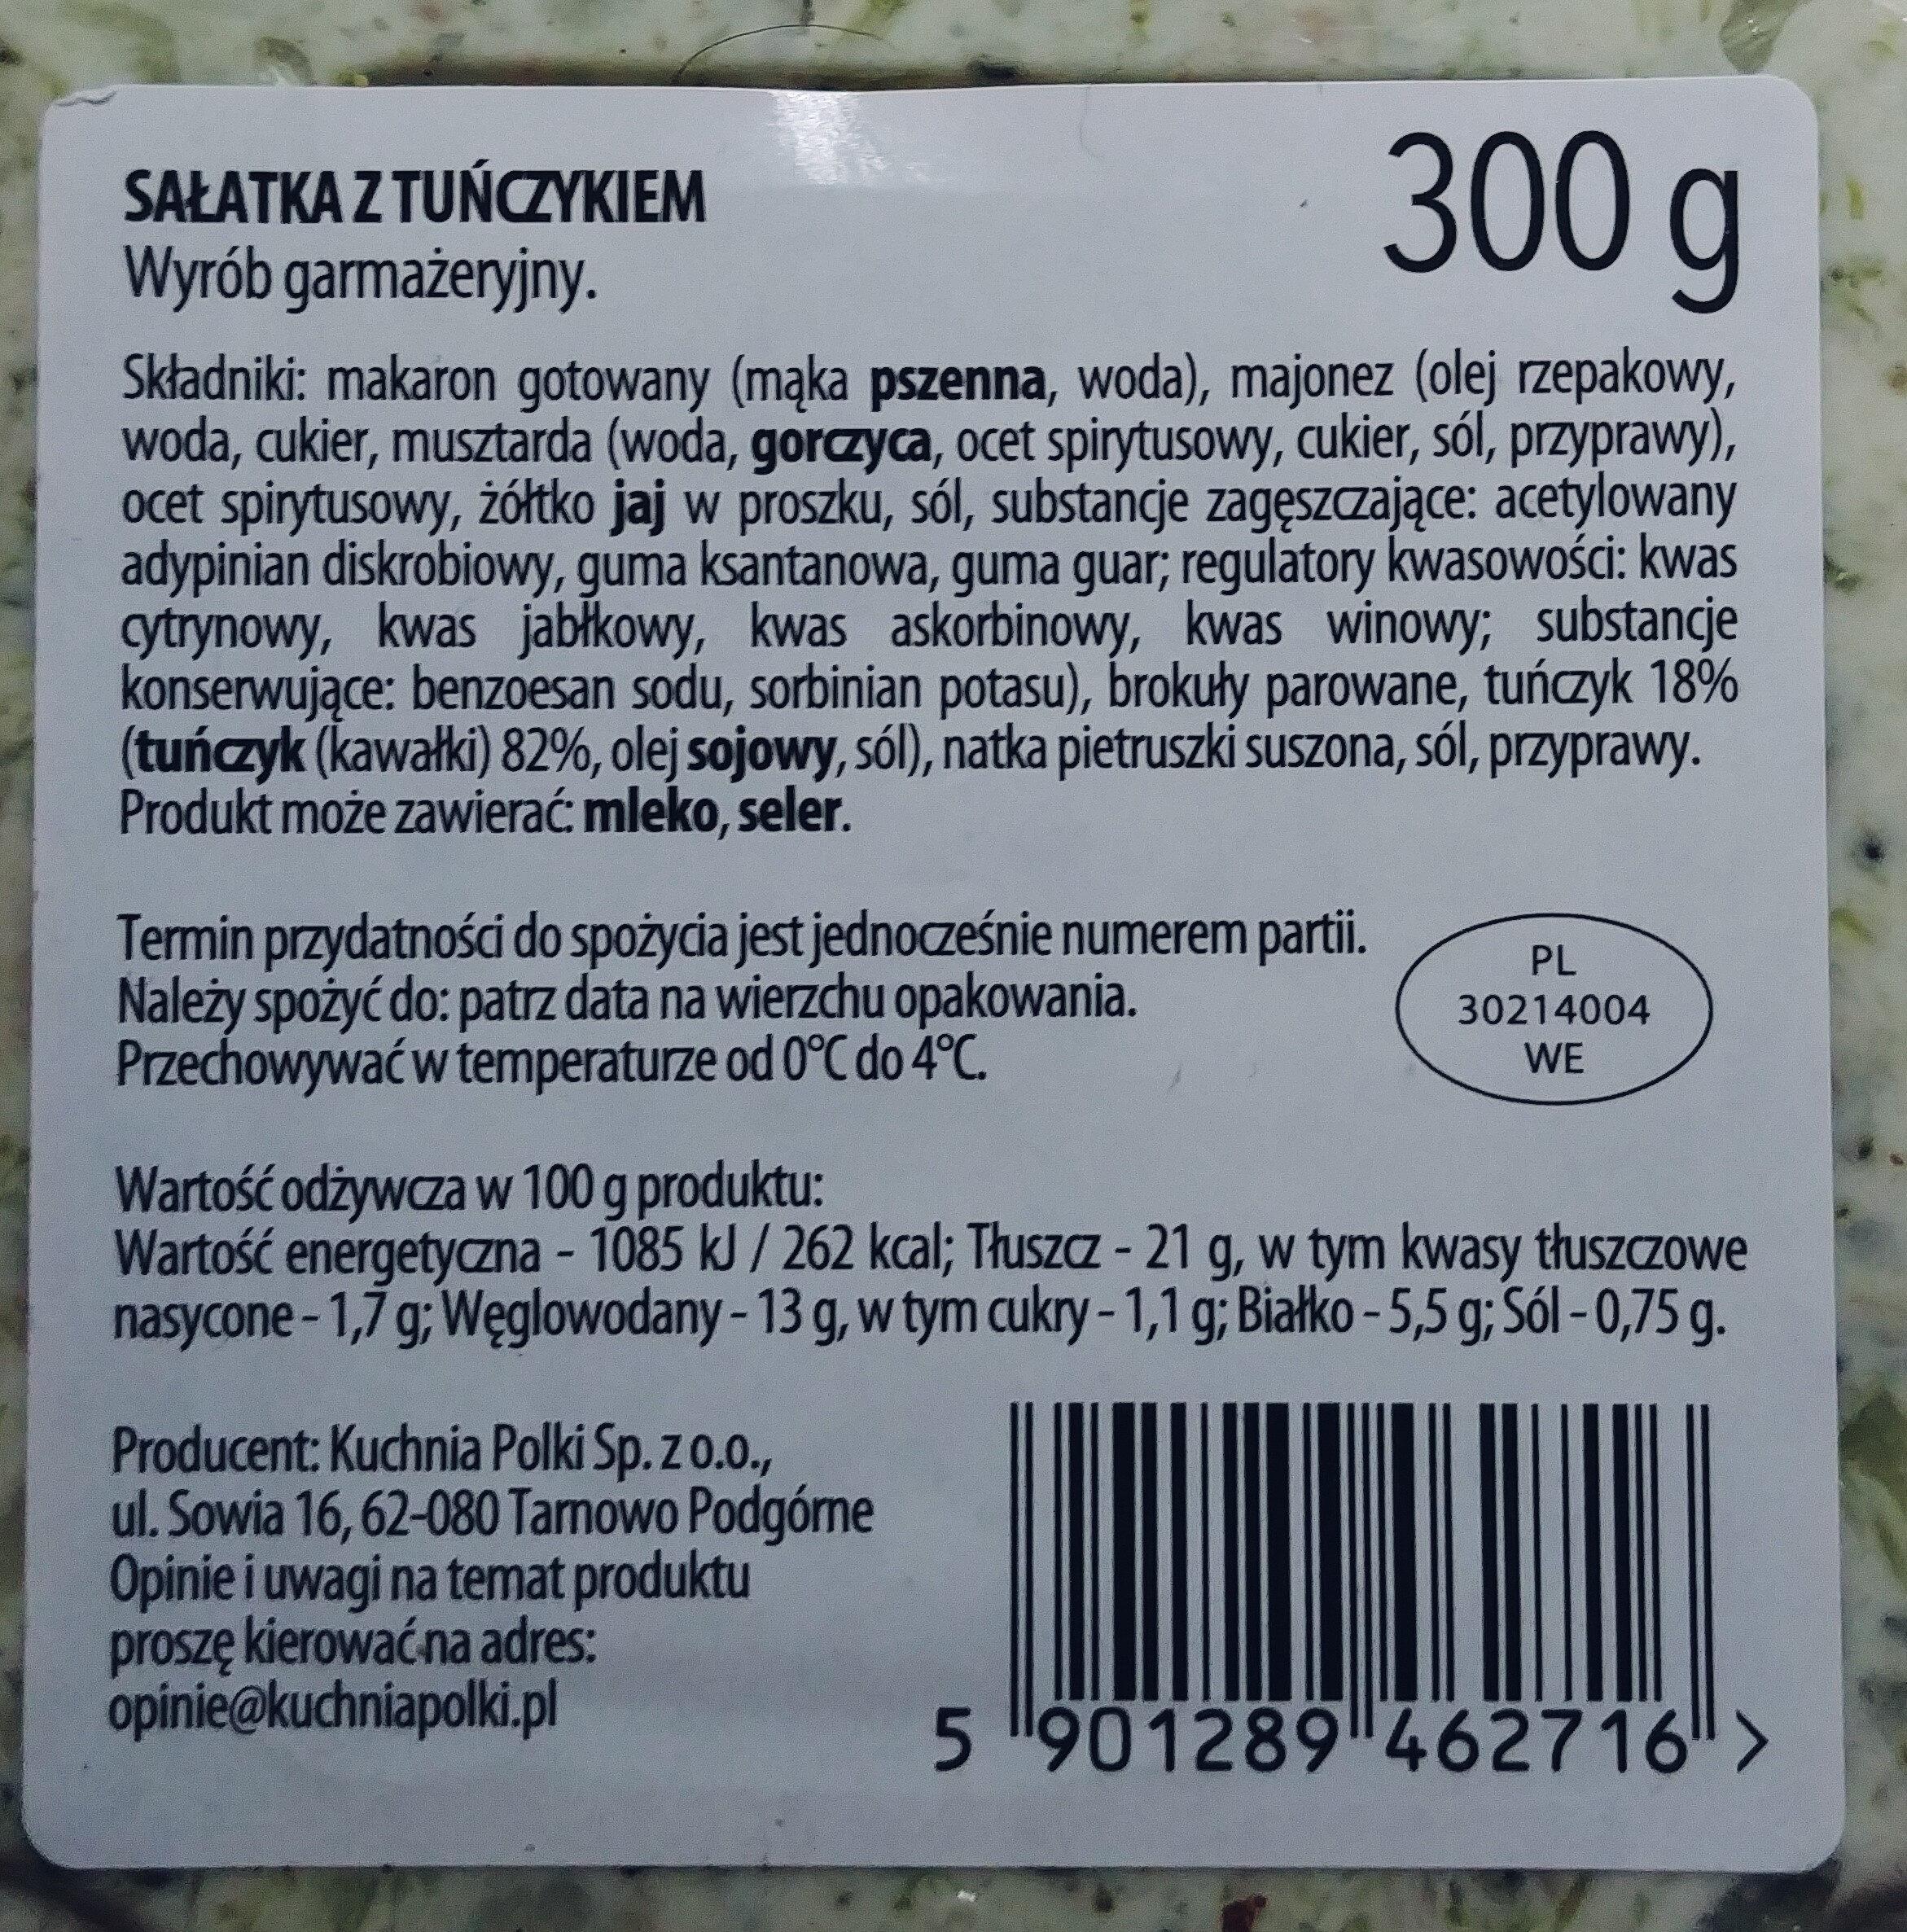 Sałatka z tuńczyka - Ingredients